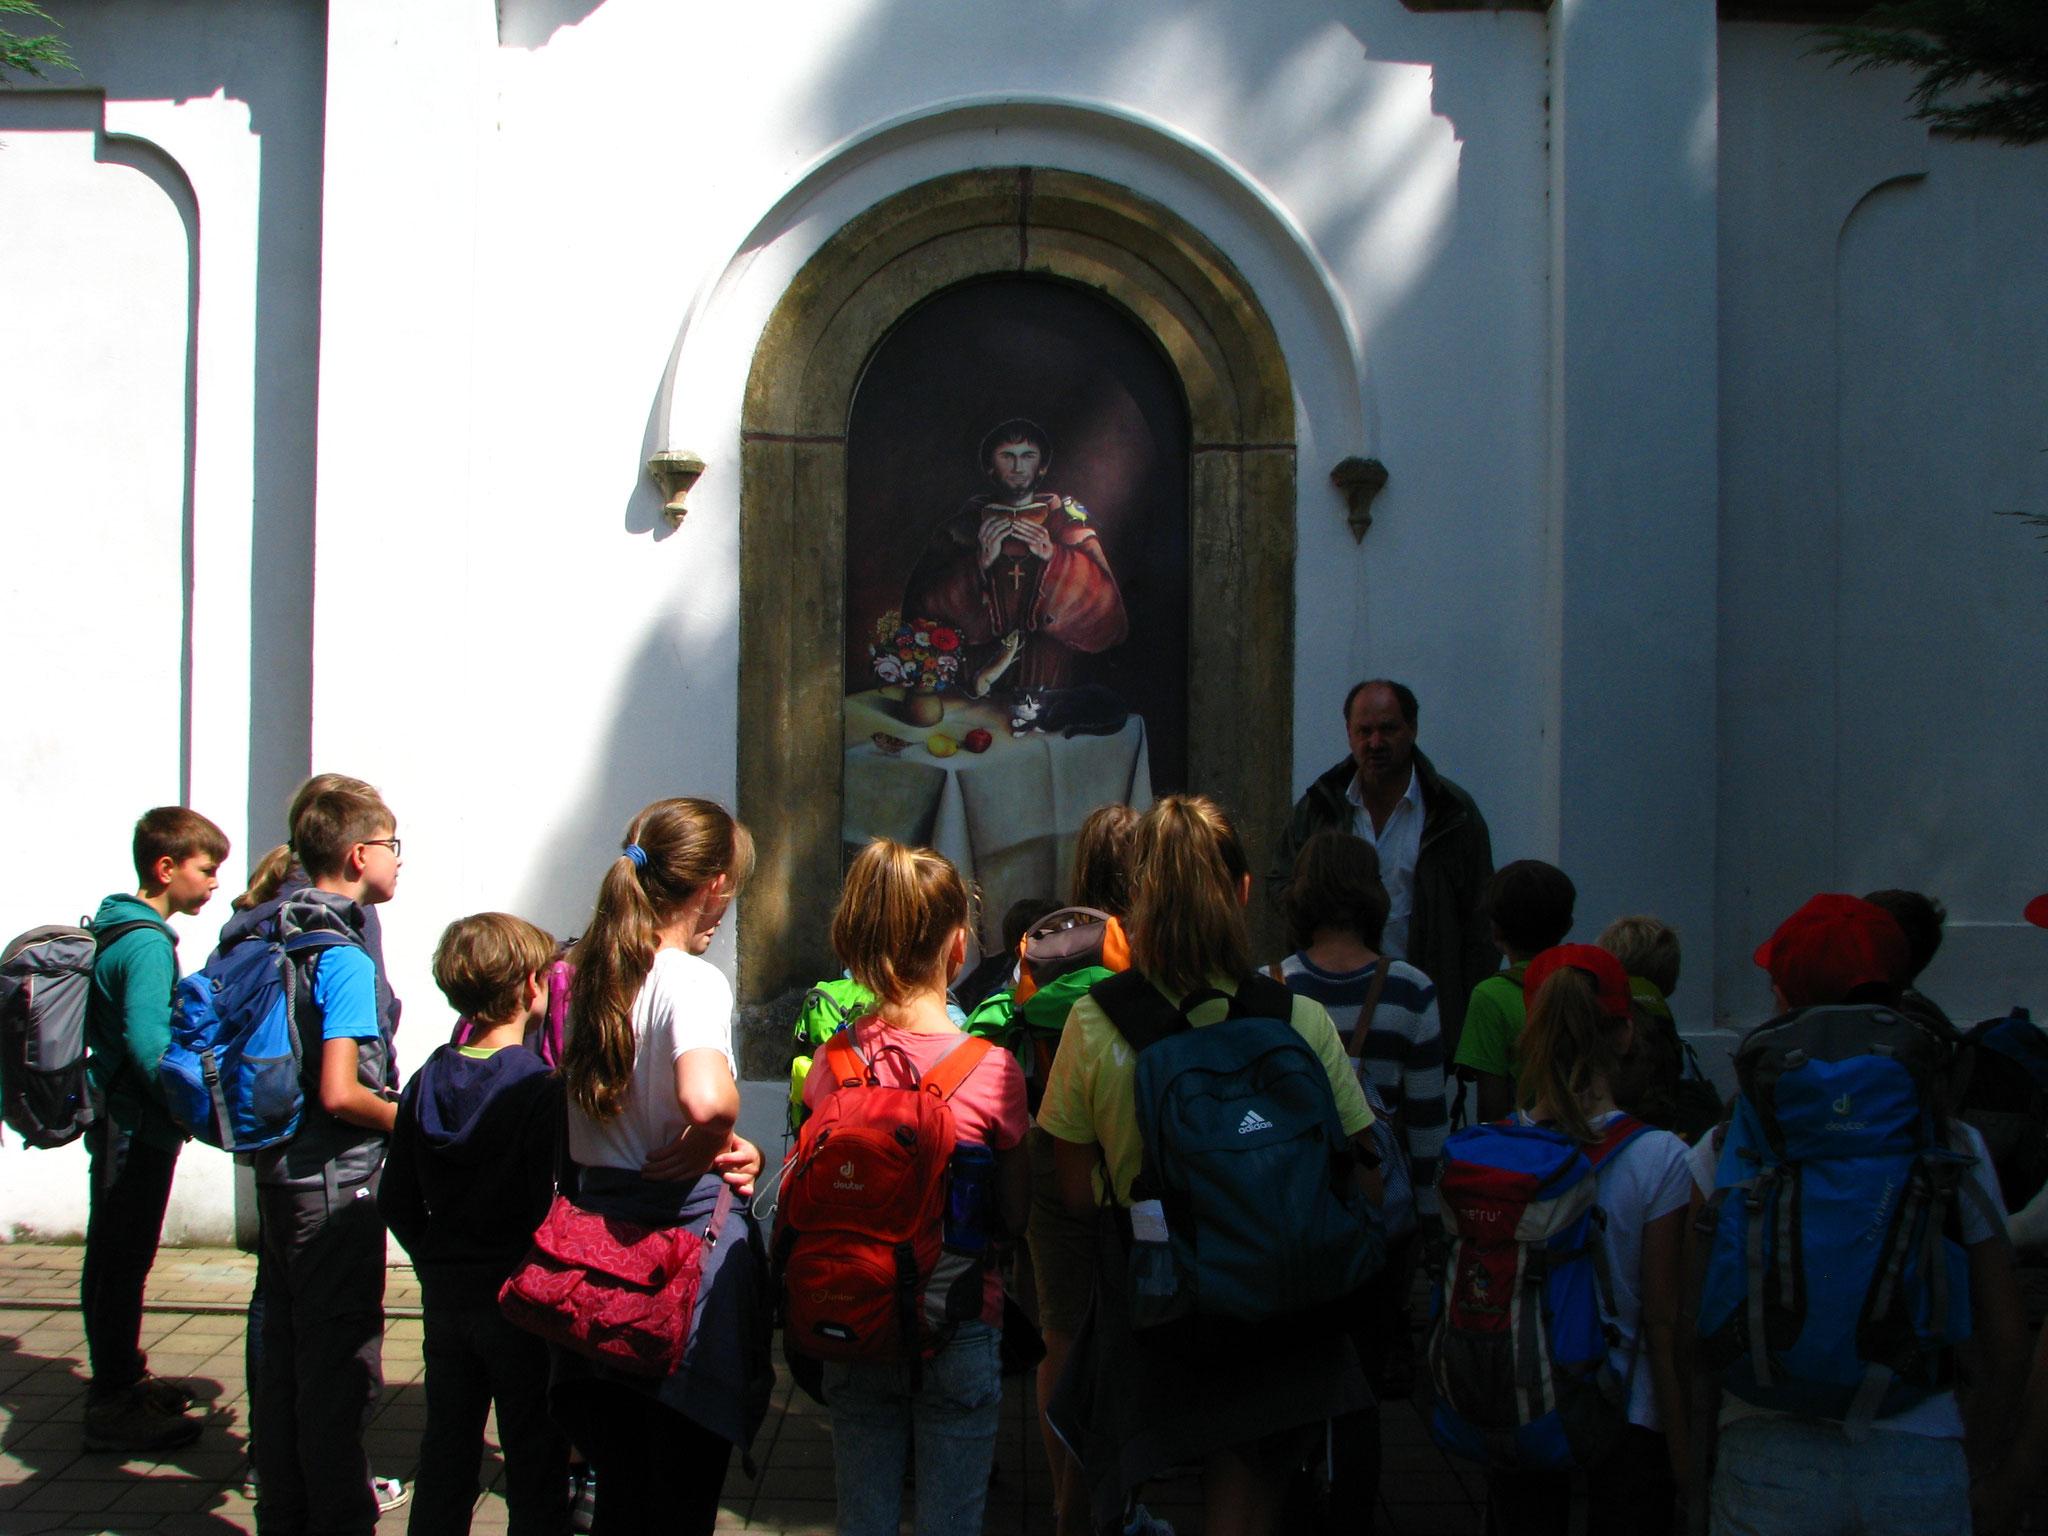 Bei der Kirche vom heiligen Franziskus verweilen wir für eine Erklärung